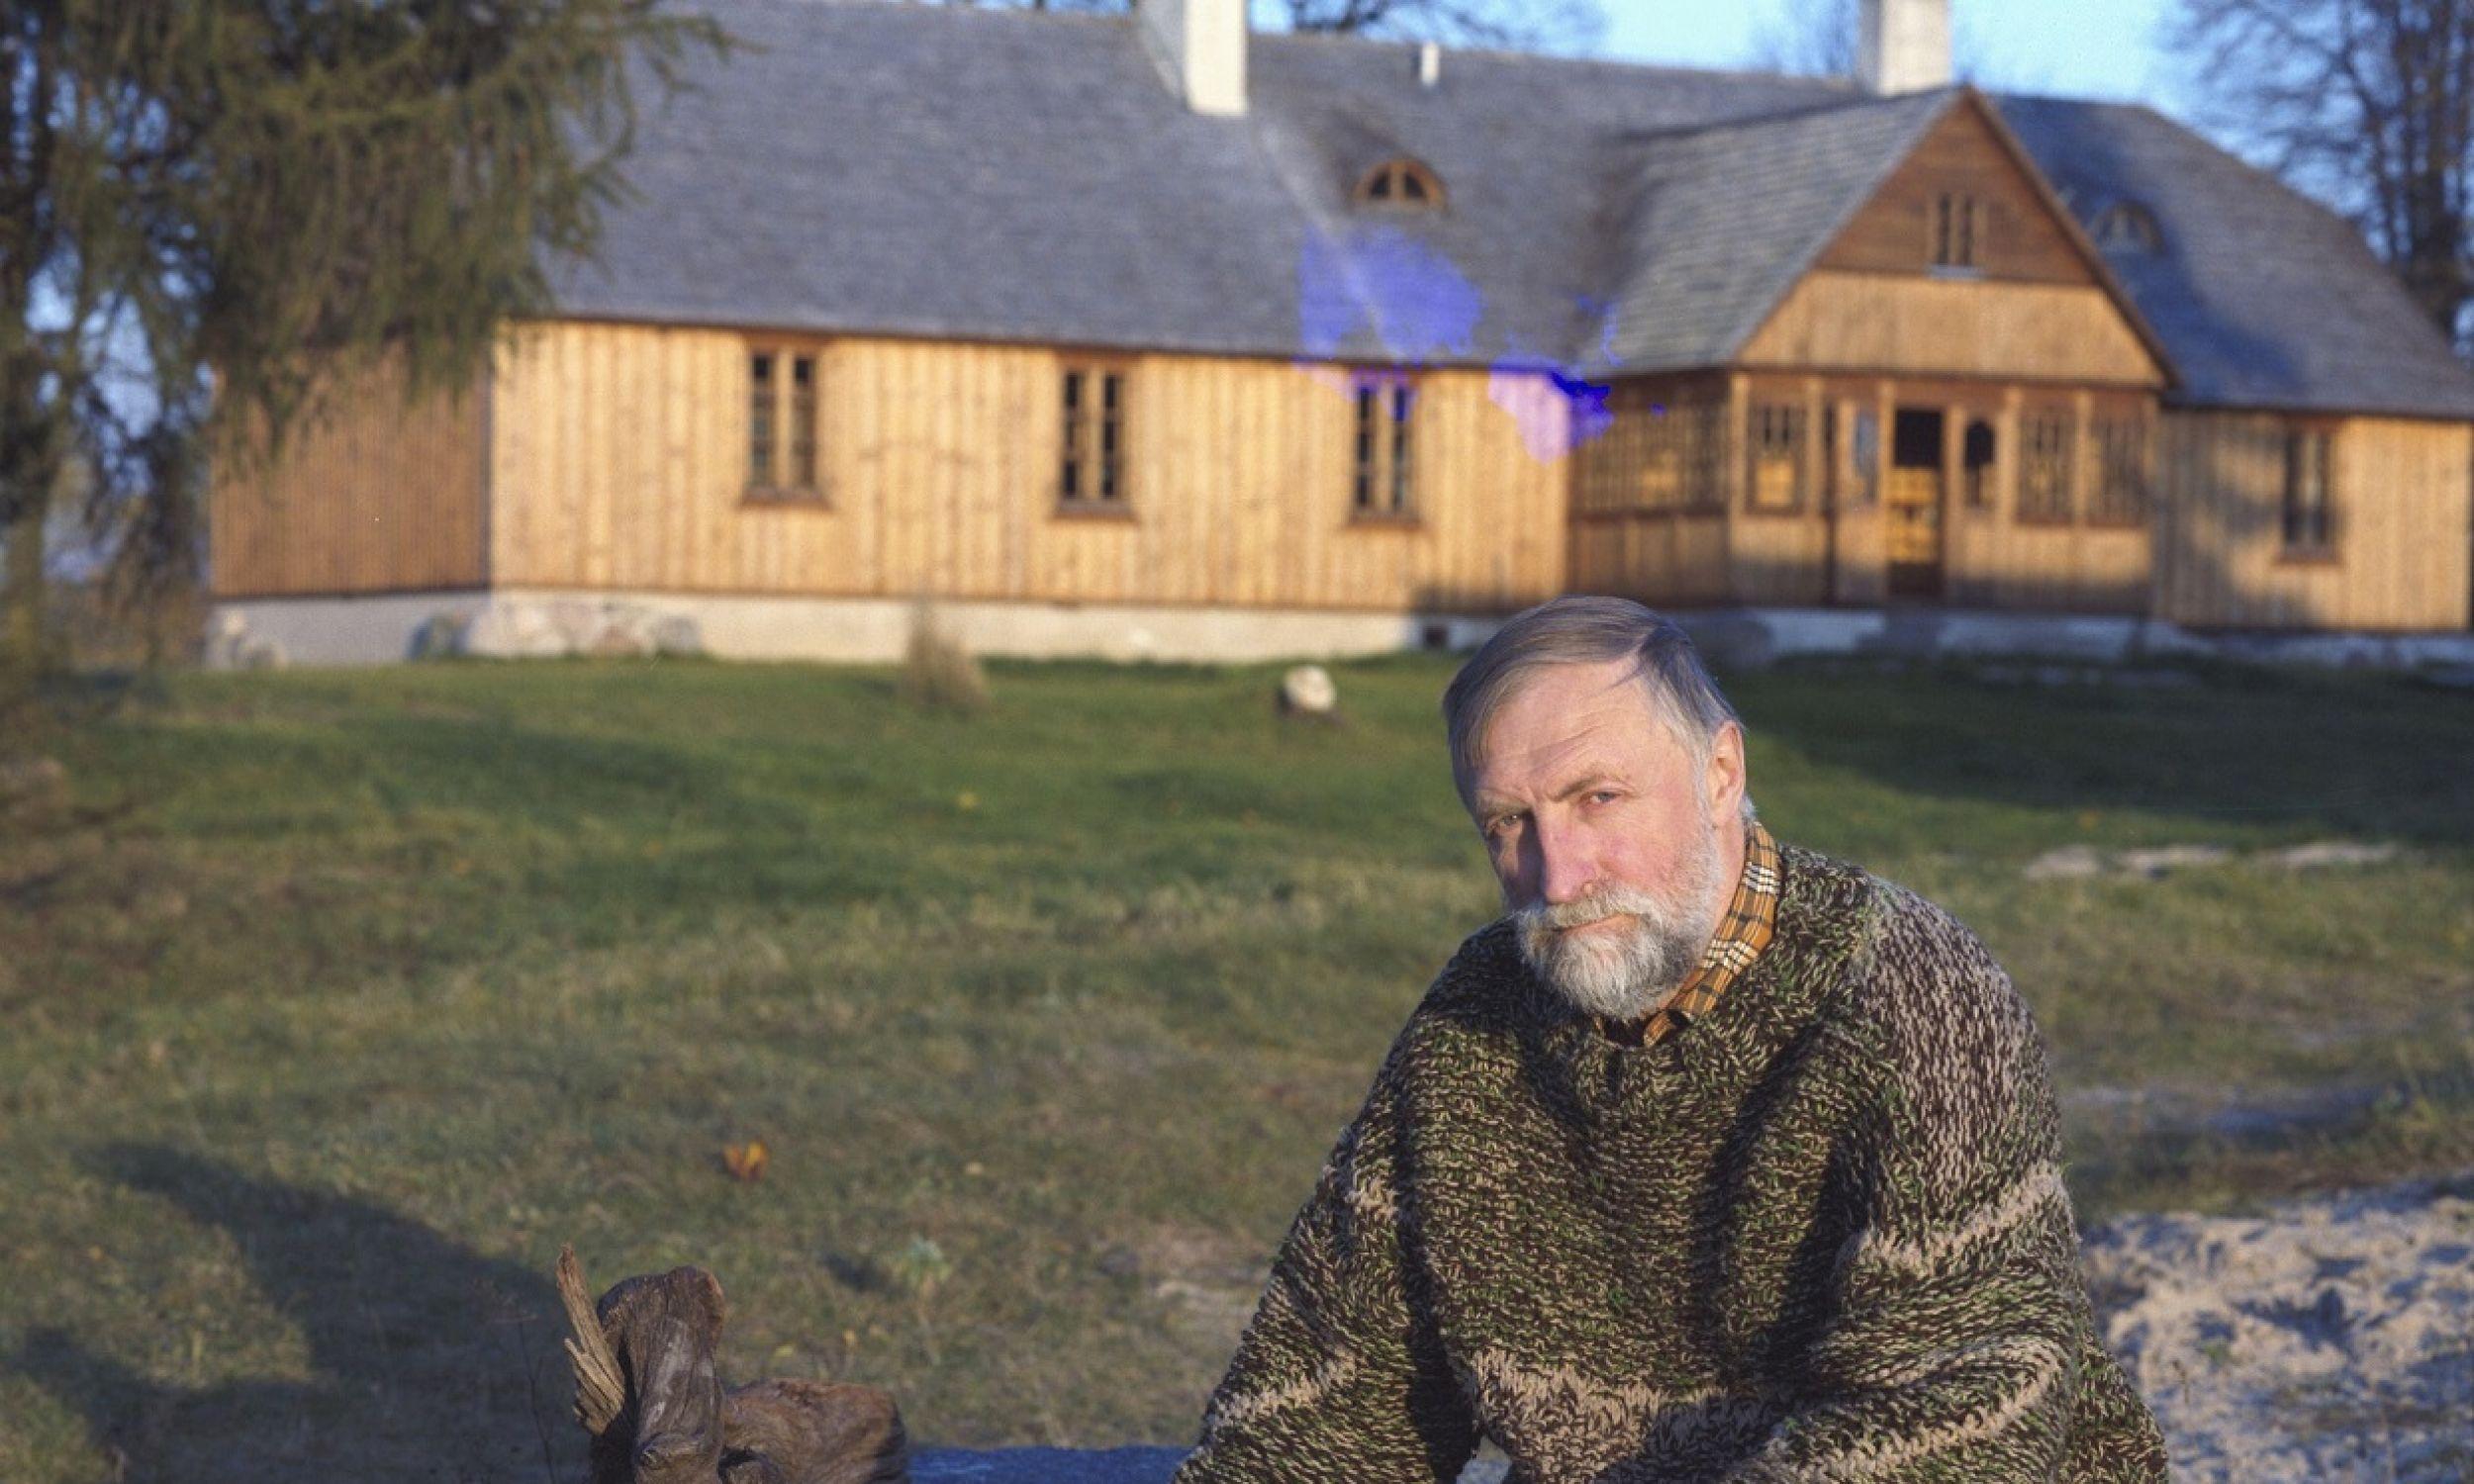 Maćkowa Ruda w październiku 1987. Andrzej Strumiłło w swojej posiadłości nad jeziorem Wigry. Fot. PAP/Wojciech Kryński Tomasz Prażmowski